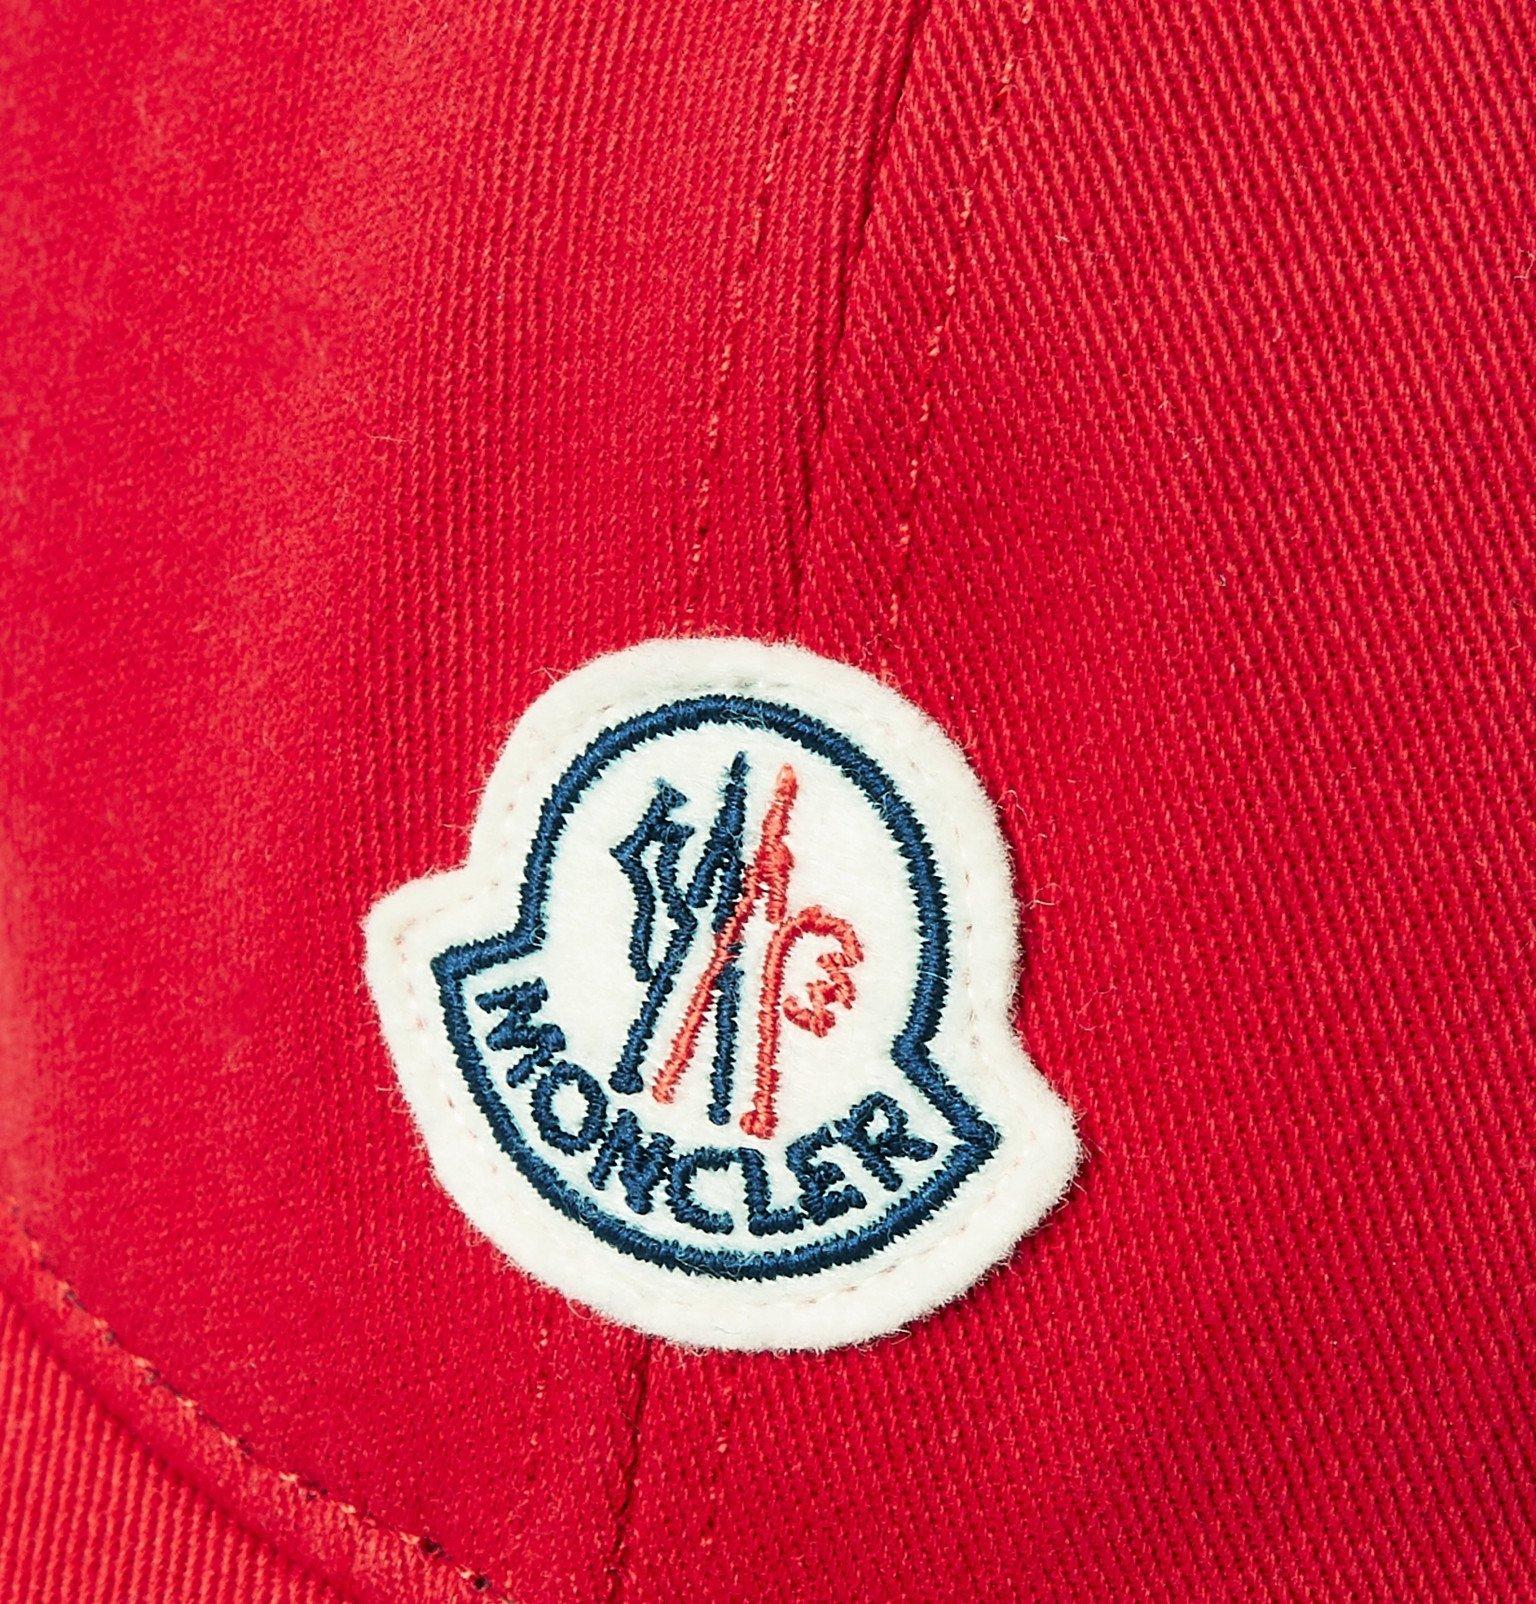 Moncler - Logo-Appliquéd Cotton-Twill Baseball Cap - Red